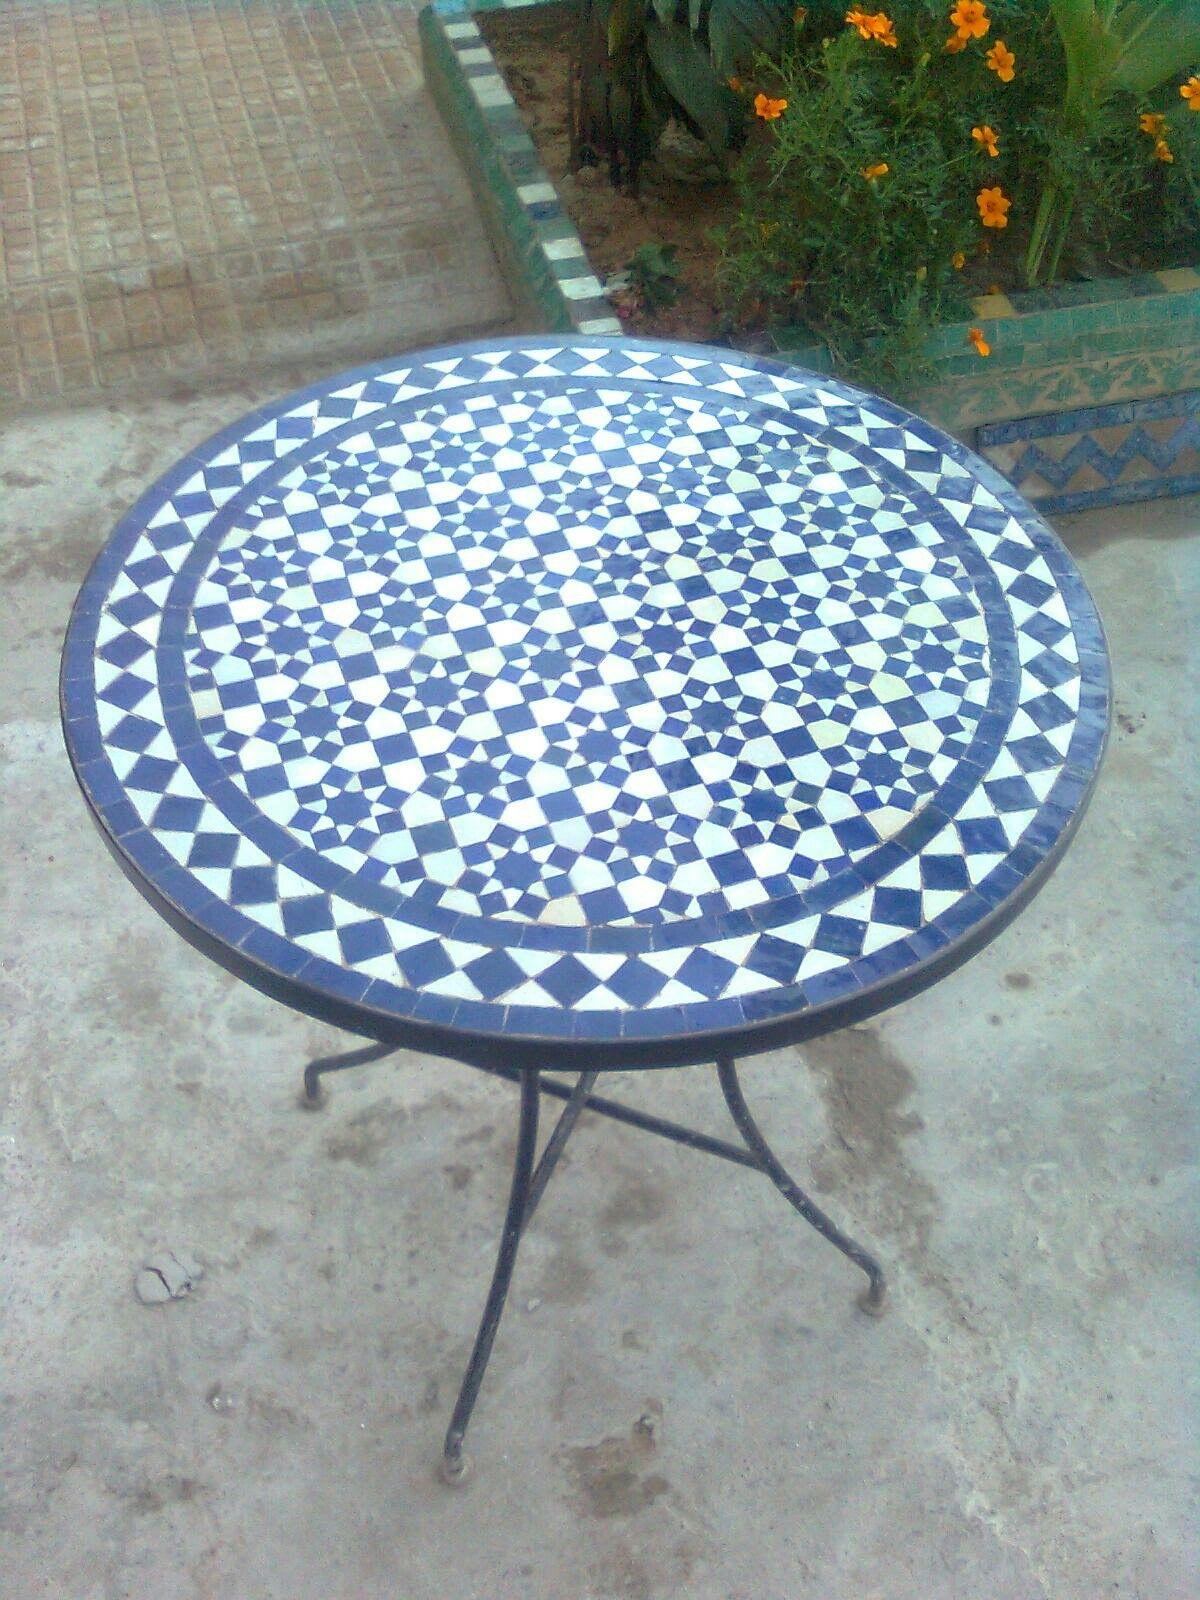 Pin Van Tegeltje Op Zellige Tables Outdoor Decor Outdoor Tables